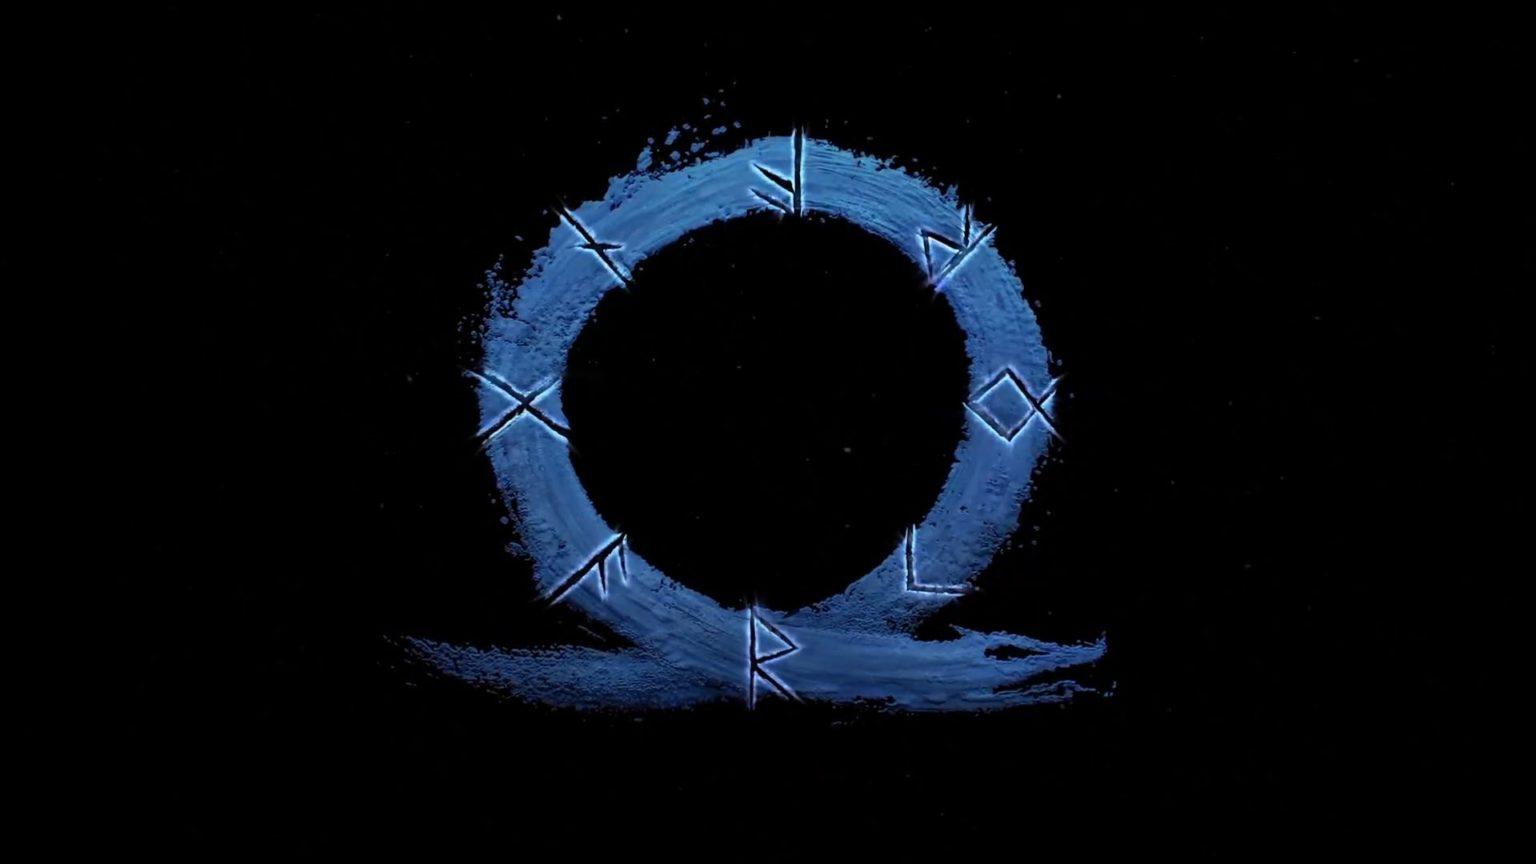 2022年夏季发售《战神》全新作品展示